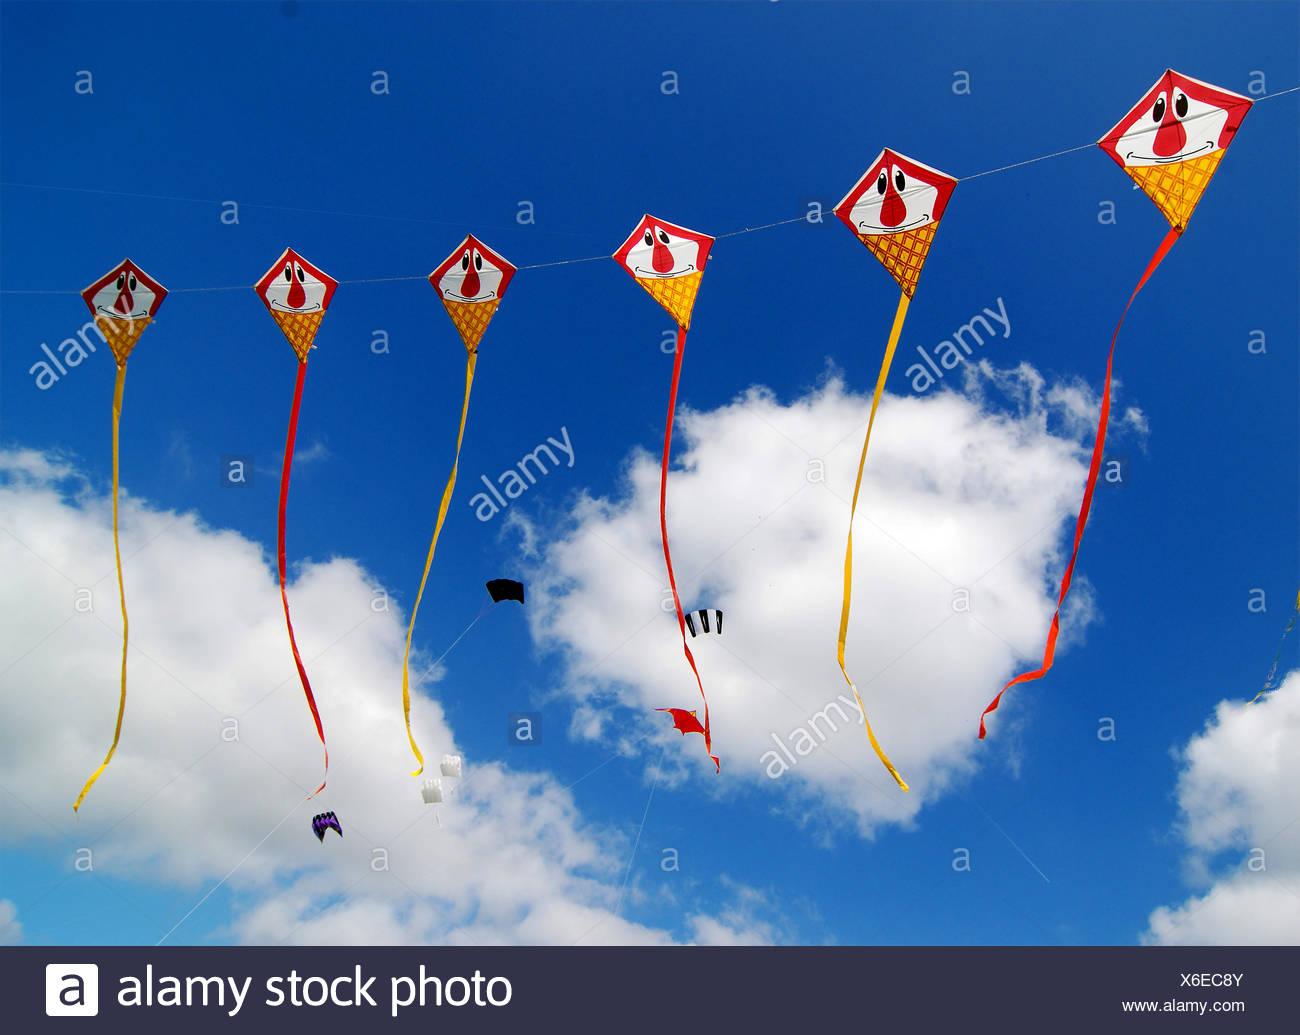 kite,kites,kite,kites,drachenfest,drachenfest - Stock Image